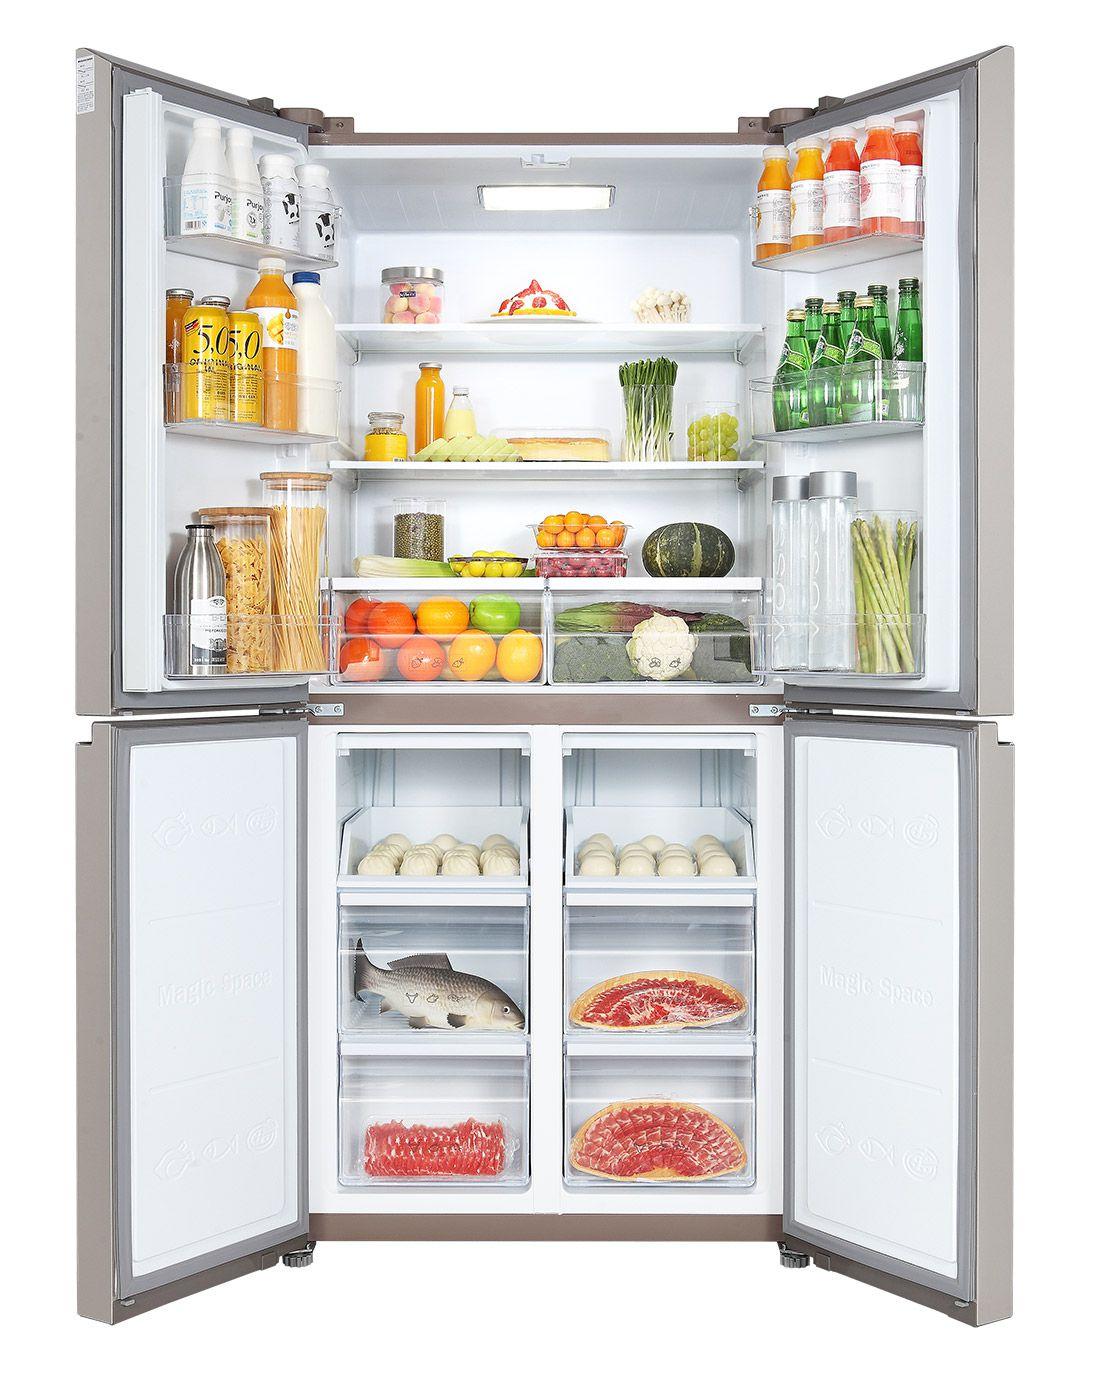 """中国冰箱产品""""一带一路""""区域快速增长,冰箱出口拐点是否真的来了"""